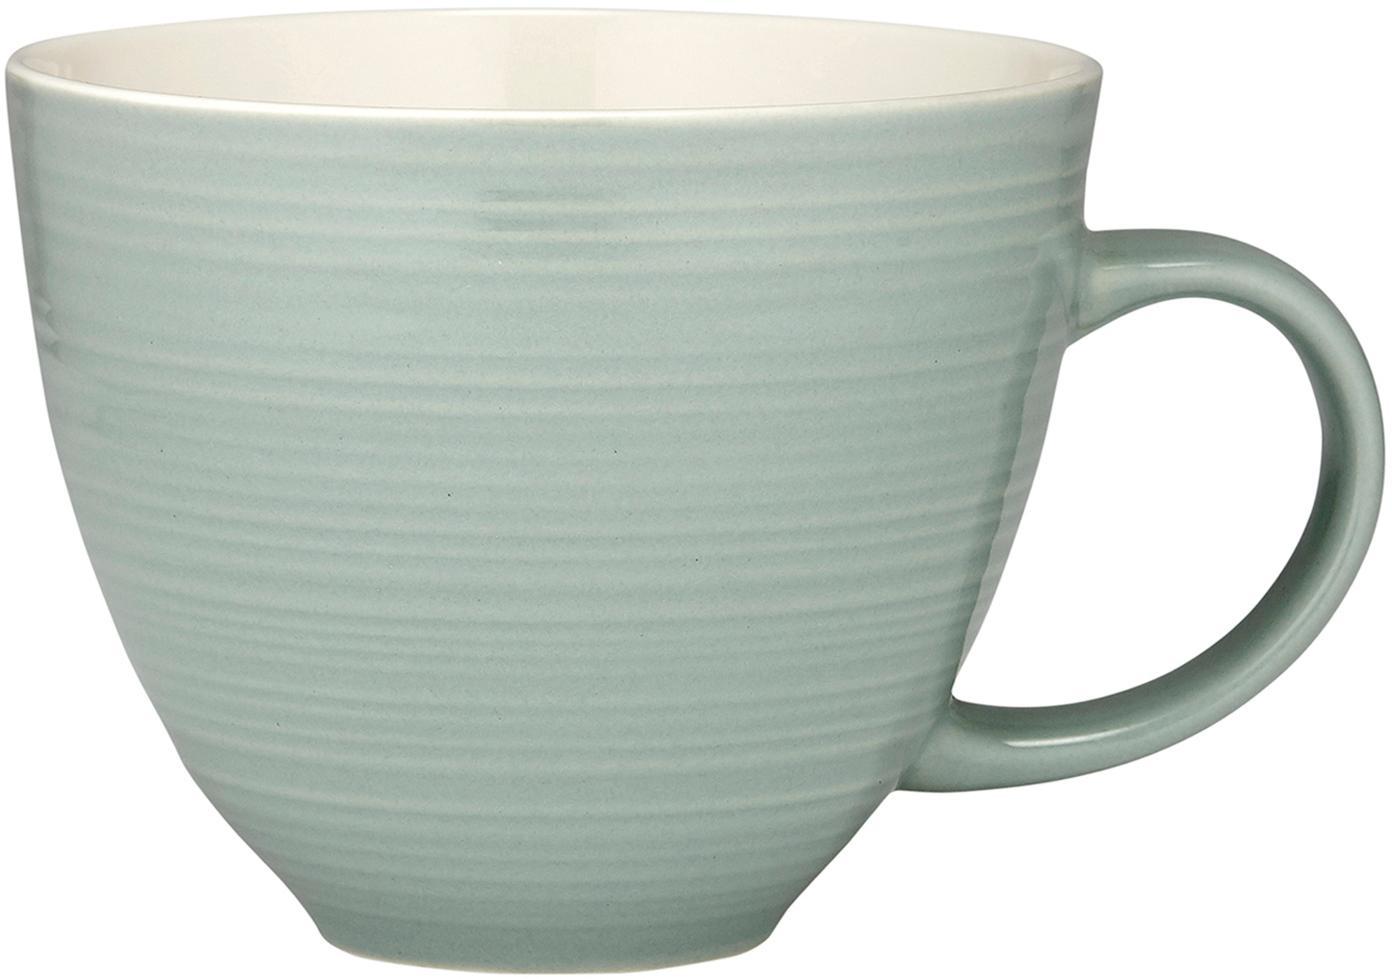 Kaffeetassen Darby mit Strukturoberfläche, 4 Stück, New Bone China, Grün, Gebrochenes Weiss, Ø 11 x H 10 cm